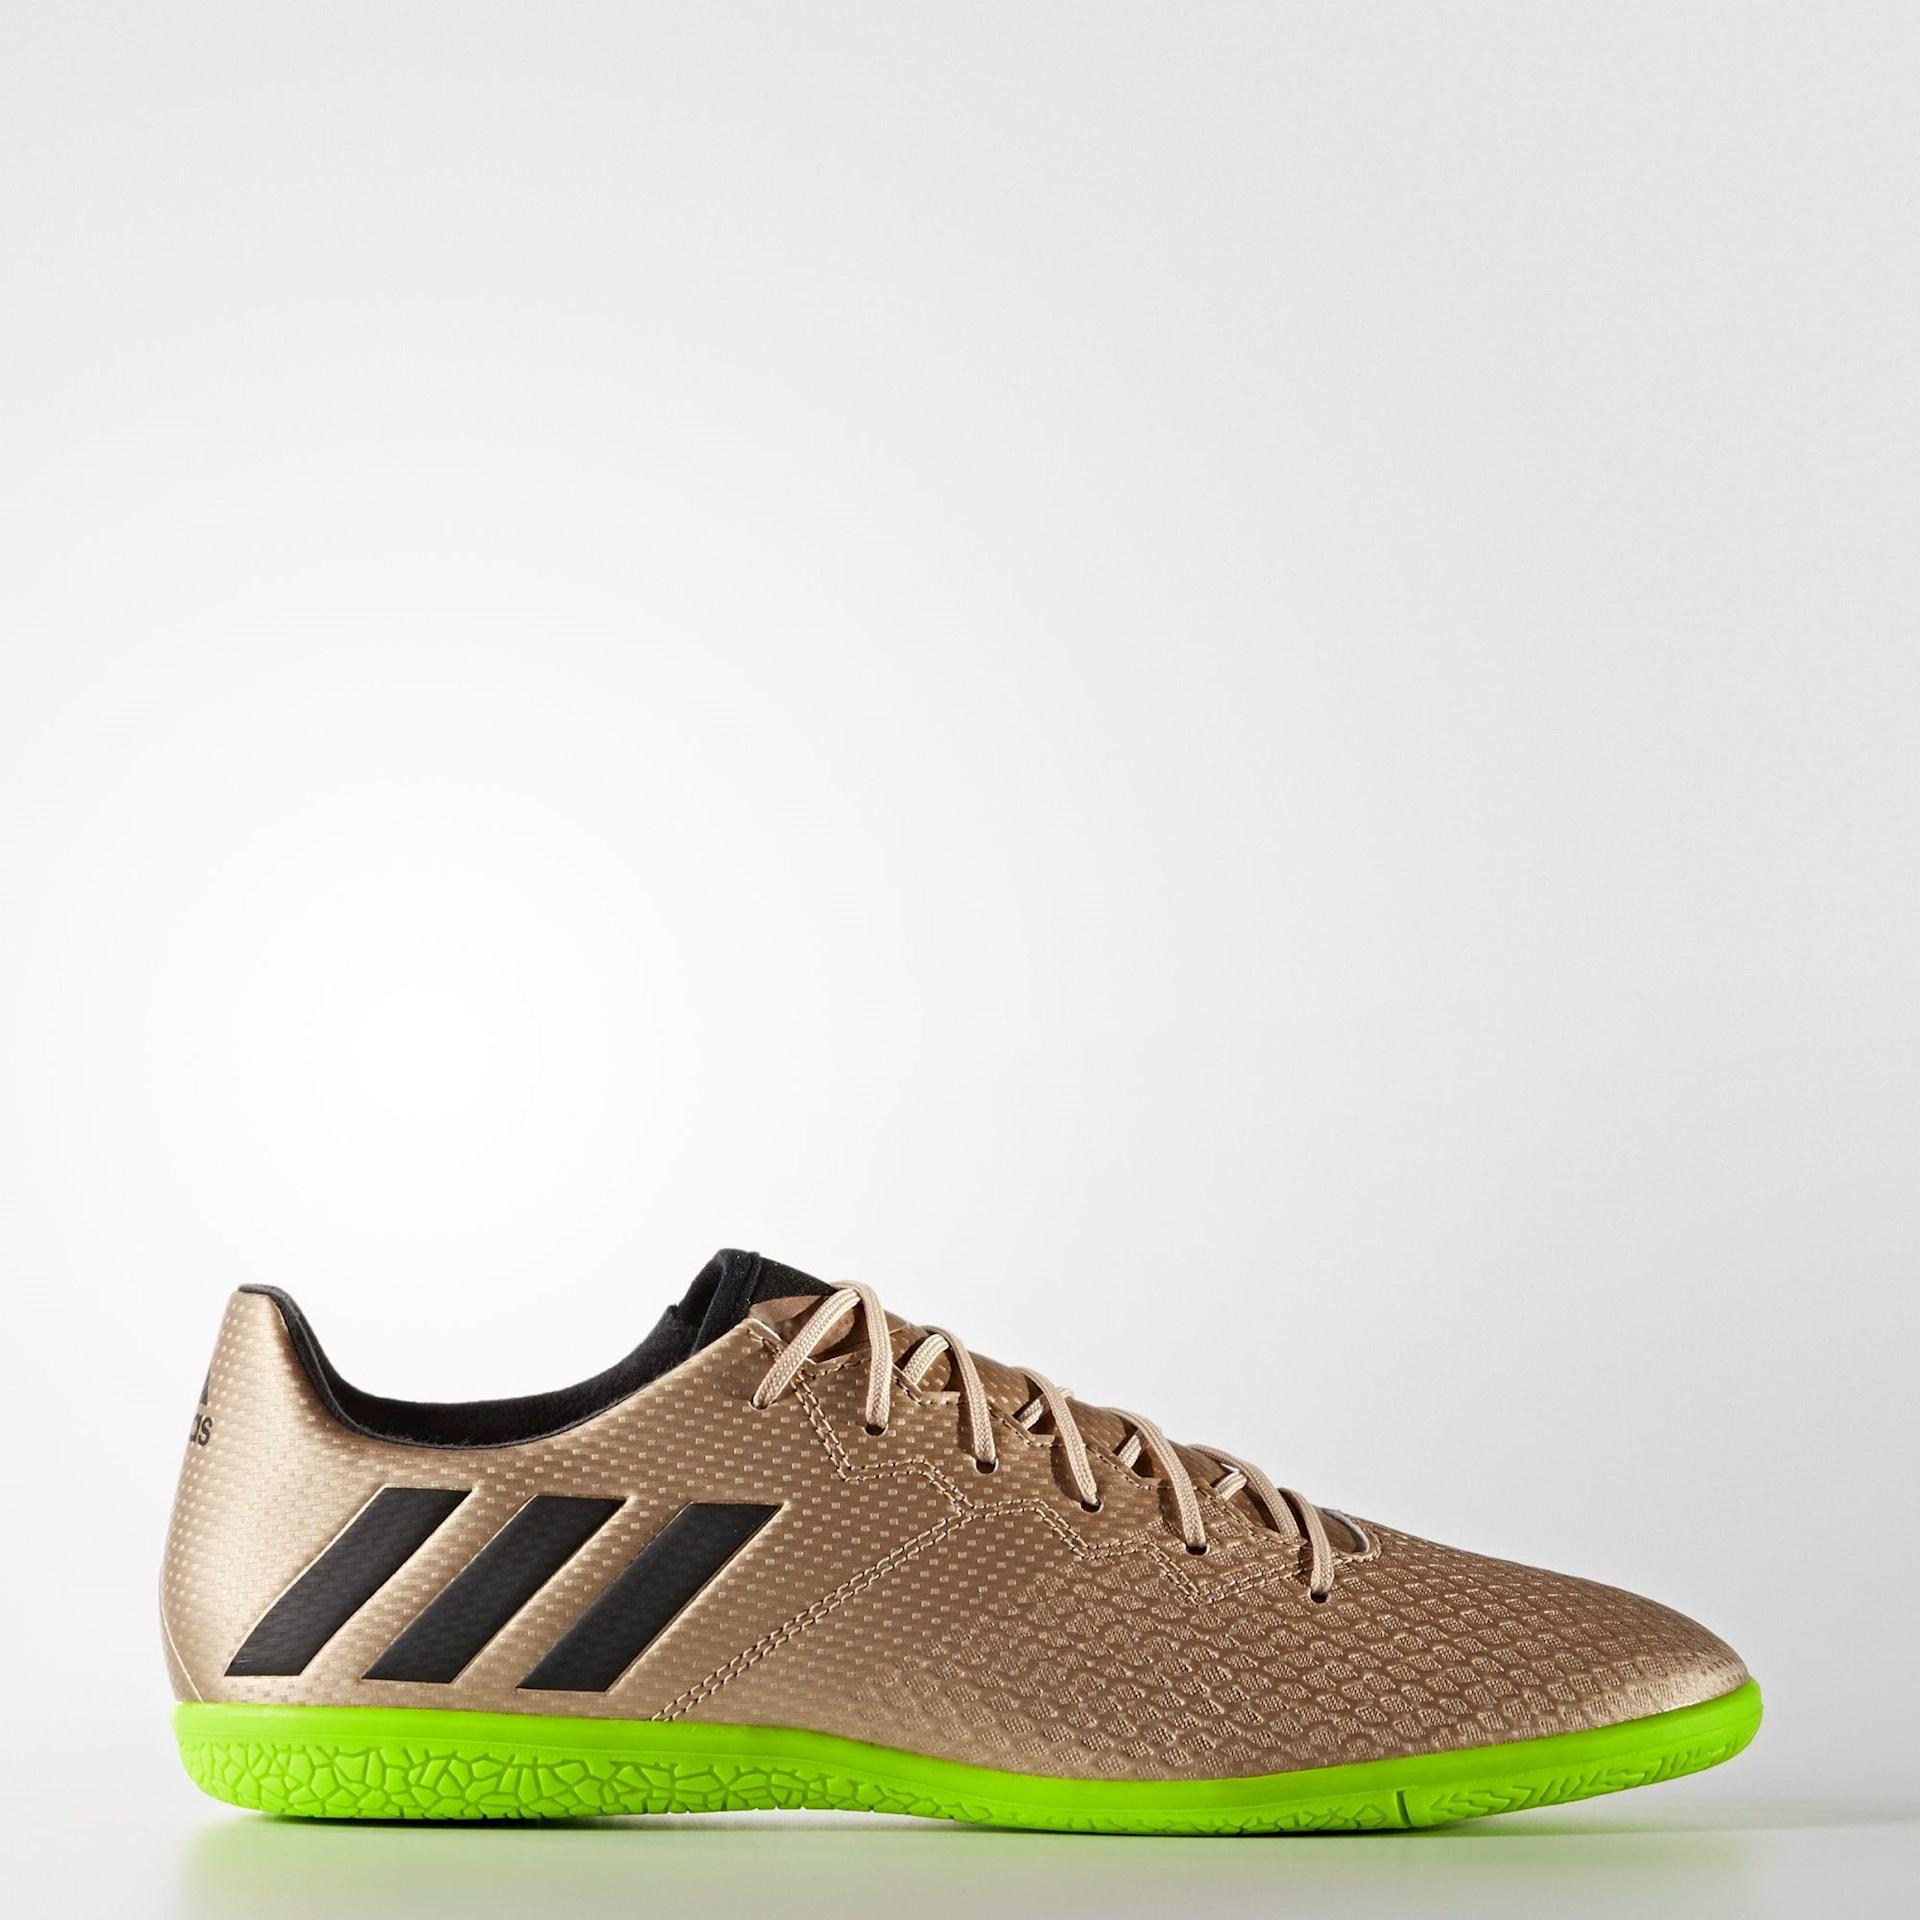 top Voetbal schoenen adidas indoor Voetbal schoenen adidas